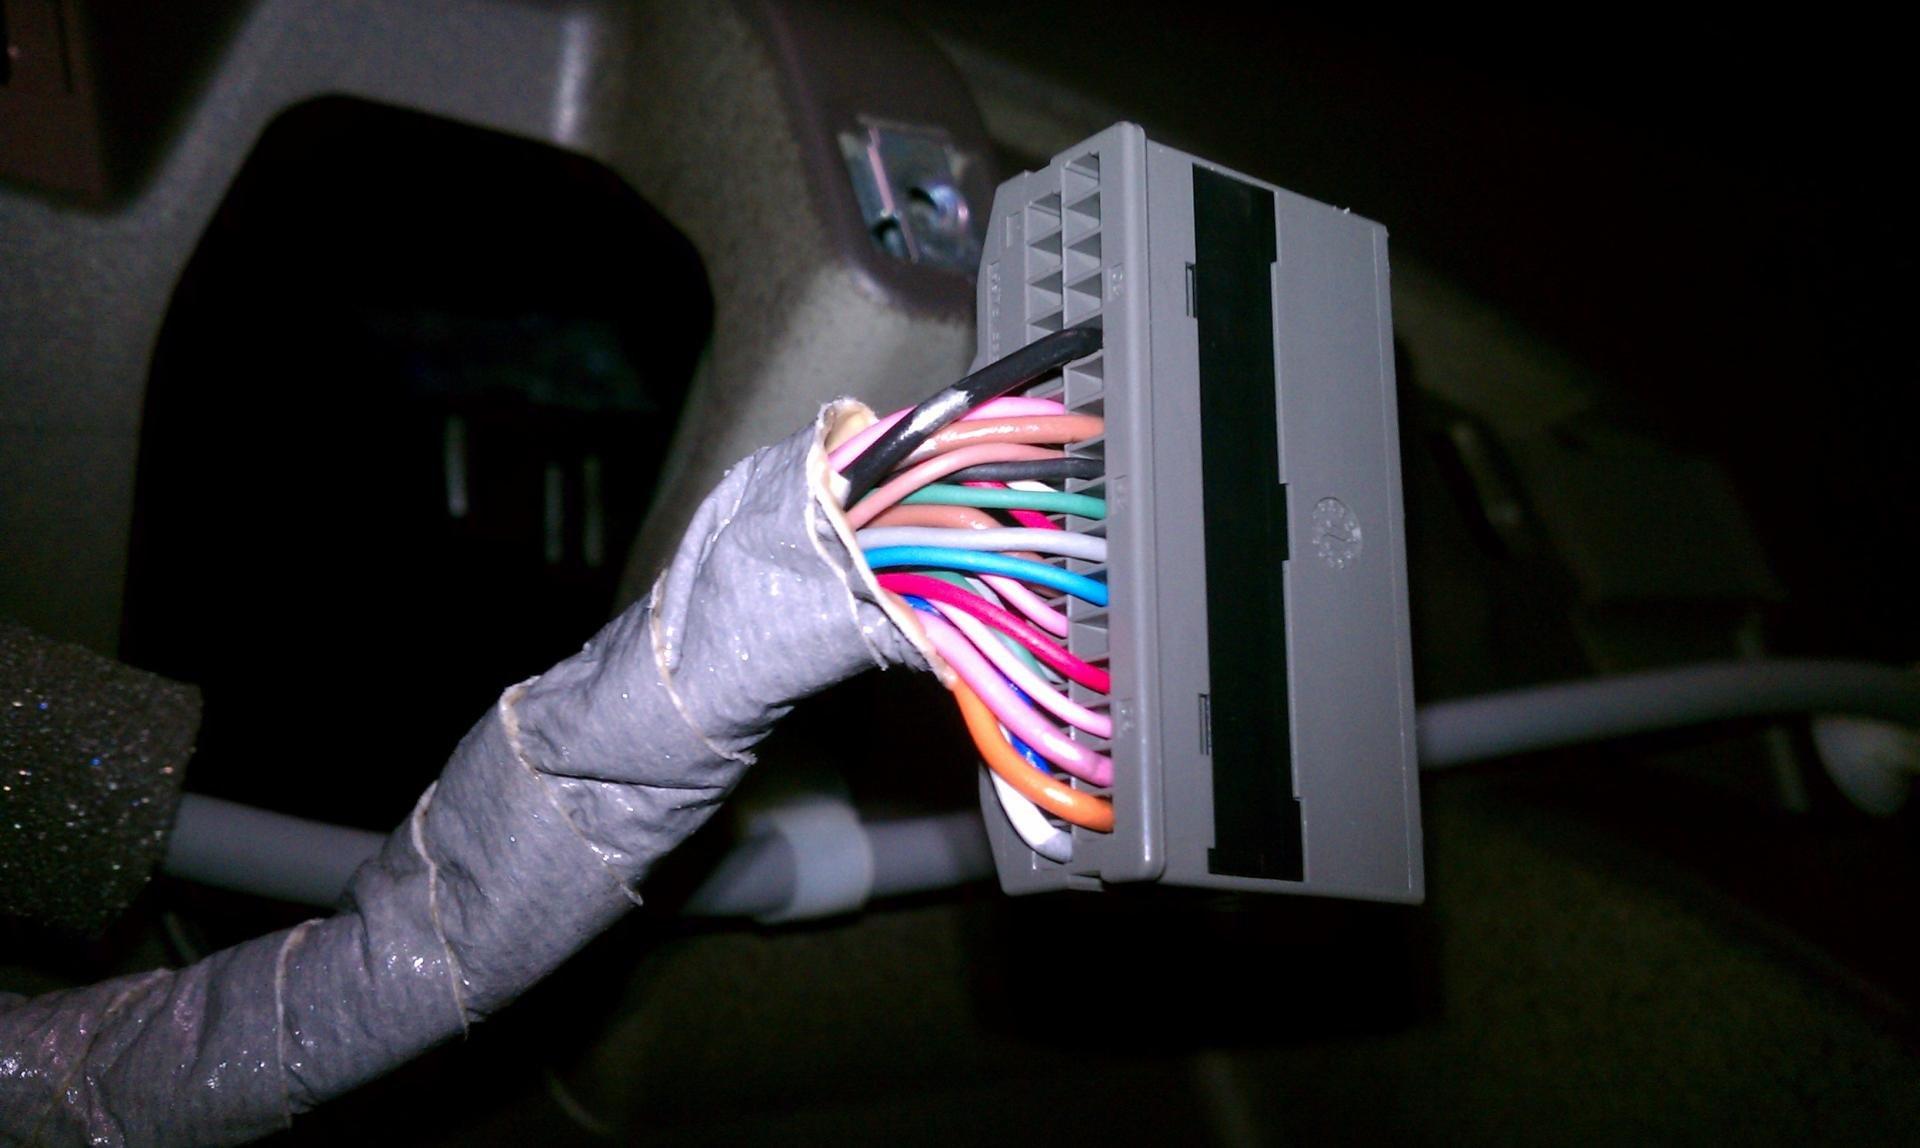 5098d1334892946 reverse backup camera imag0332 reverse backup camera page 8 2014 Honda Accord Wiring Diagram at n-0.co